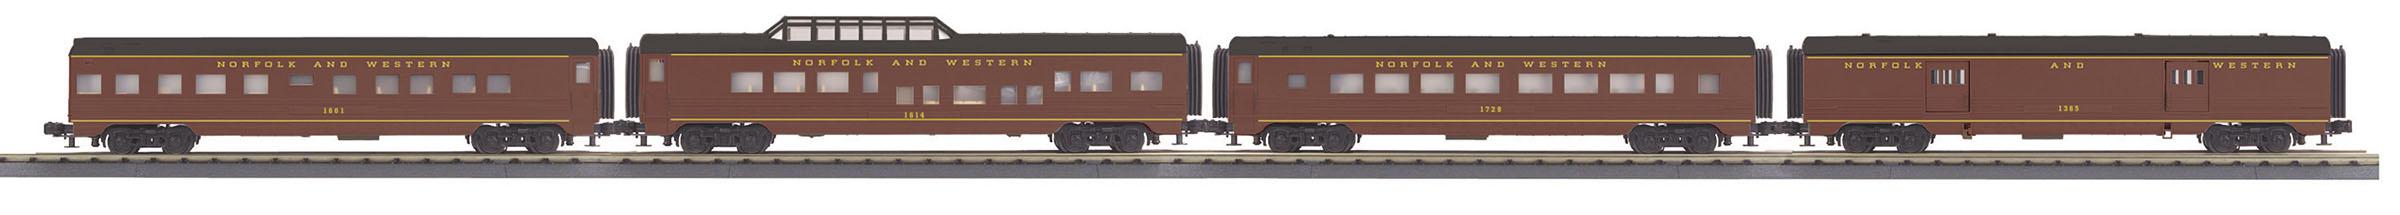 MTH 30-68114 60' Streamlined 4 Car Passenger Set 3 Rail RailKing Norfolk & Western 1284